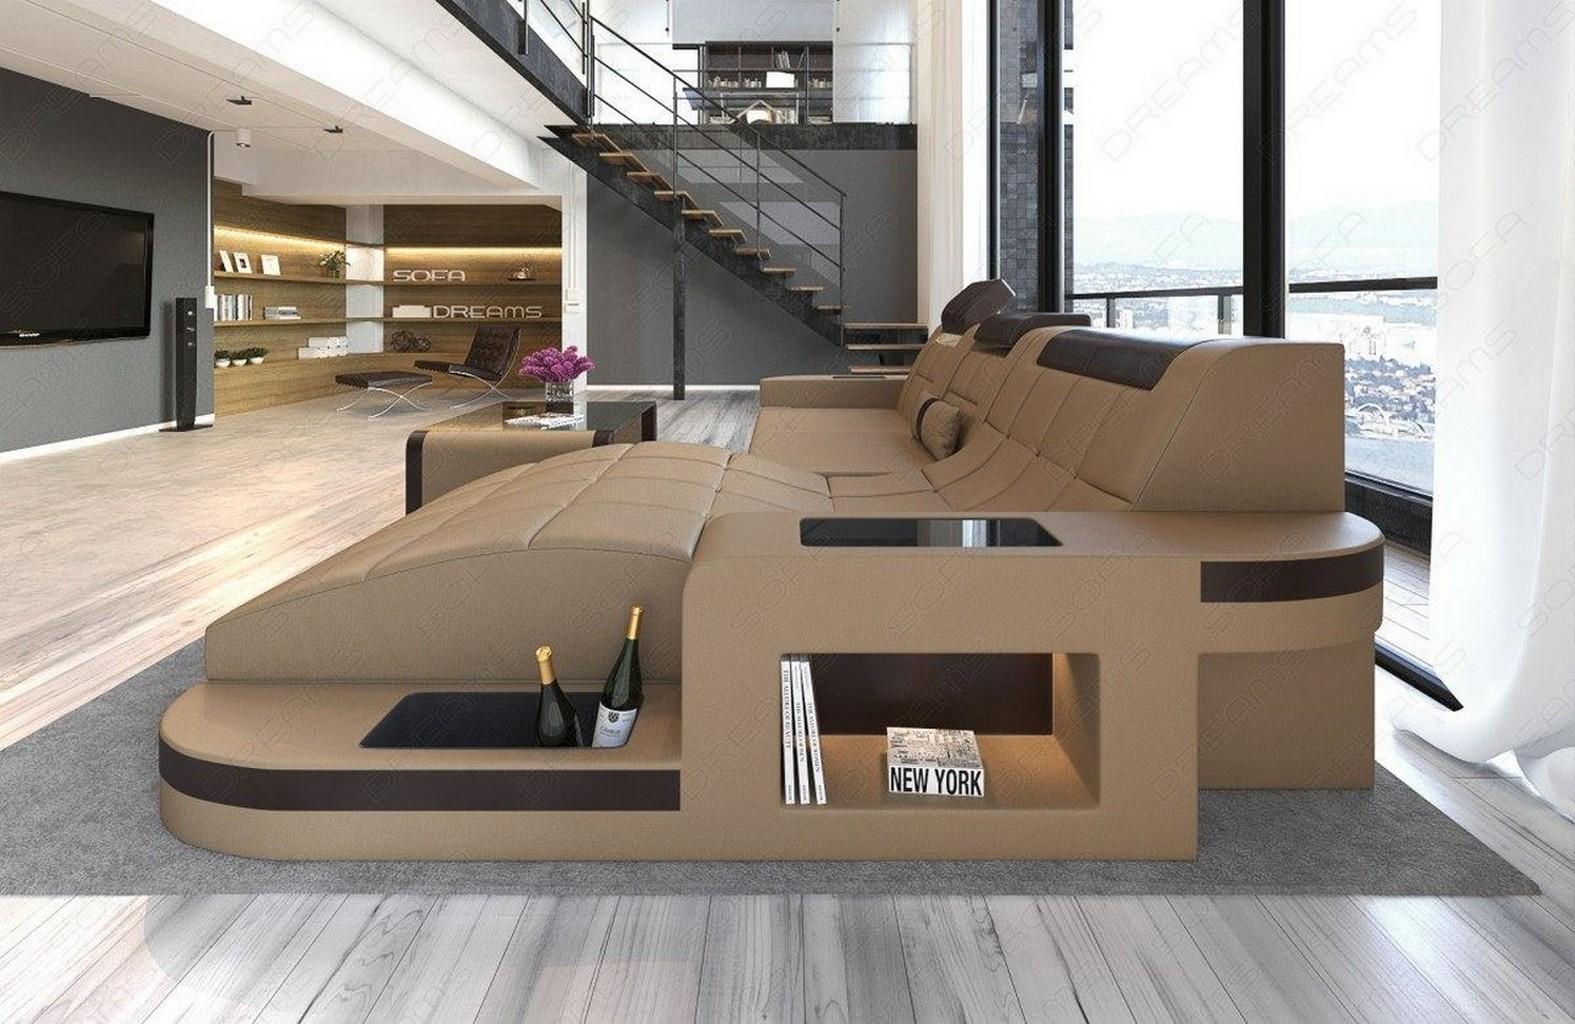 wohnlandschaft wave l form led relax design sofa eckcouch megasofa beige braun ebay. Black Bedroom Furniture Sets. Home Design Ideas